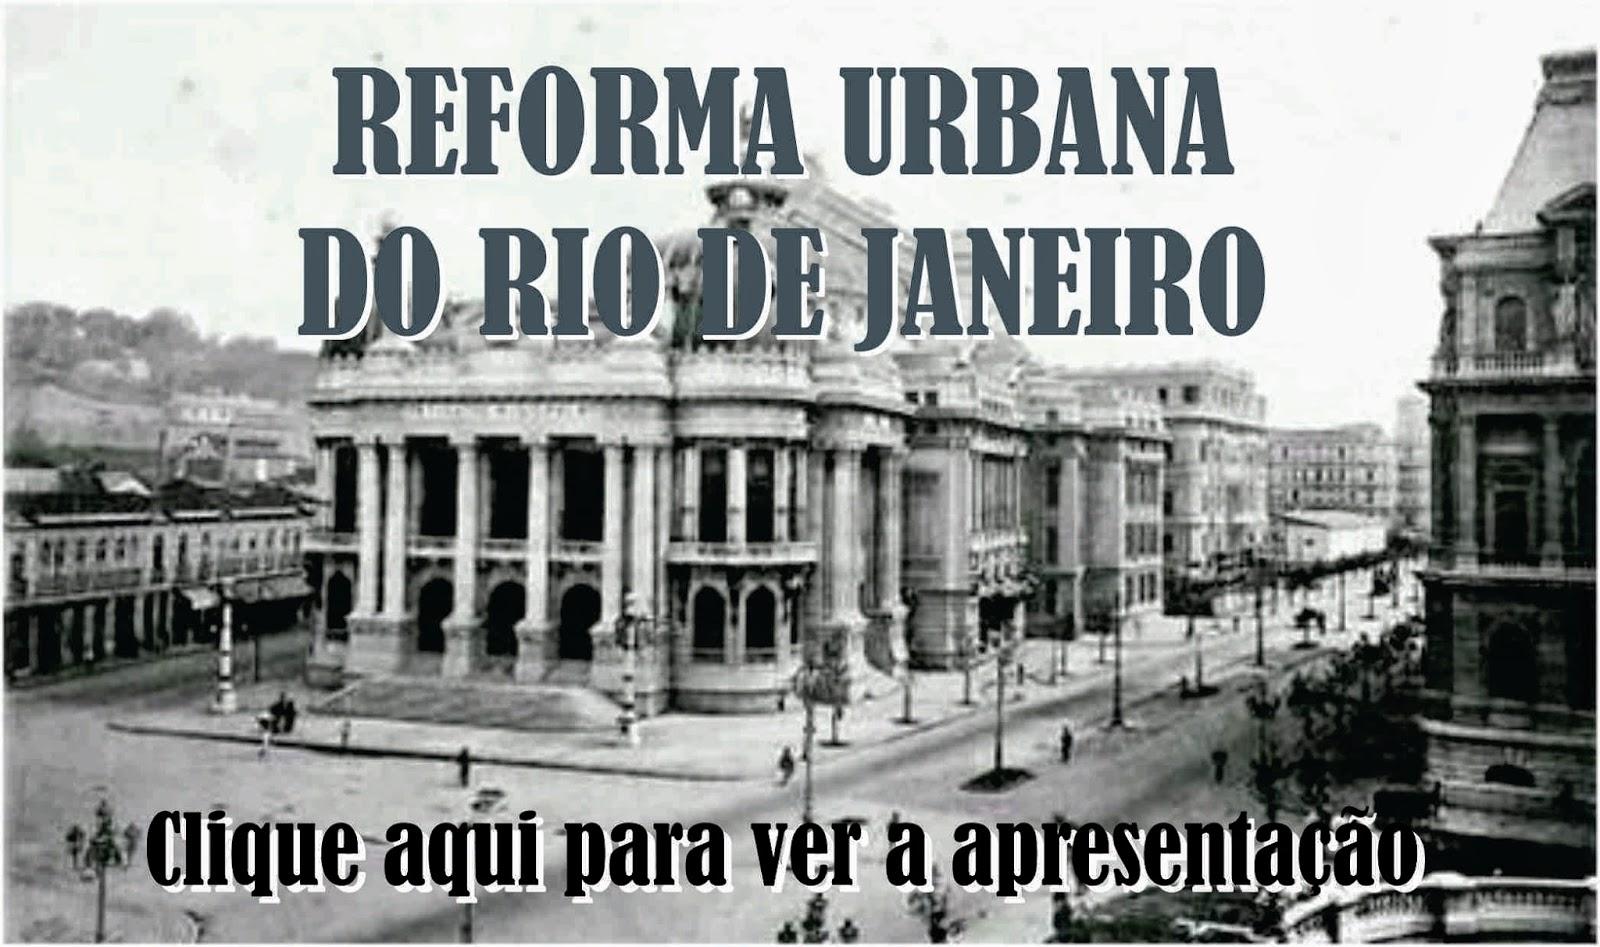 Reforma Urbana do Rio de Janeiro